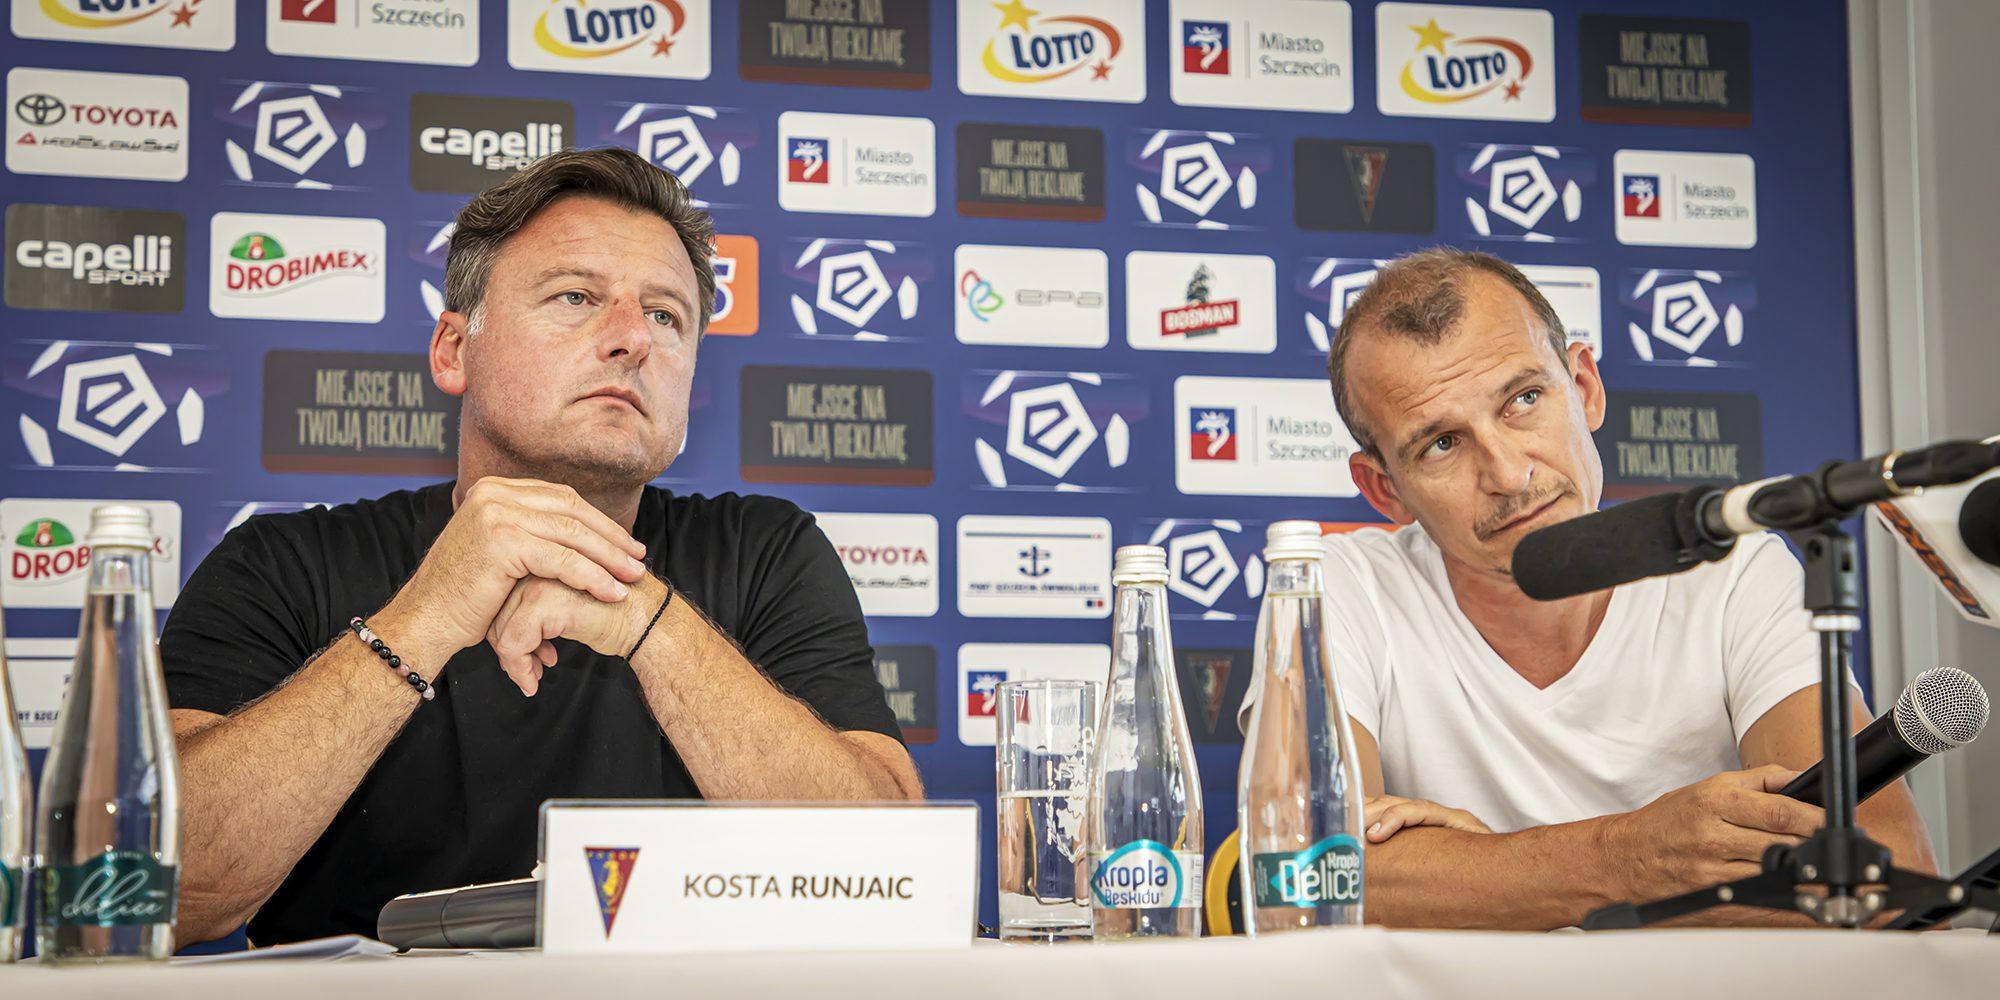 """Kosta Runjaić: """"Widzę progres w treningach. Jestem pewien, że forma się pojawi"""""""